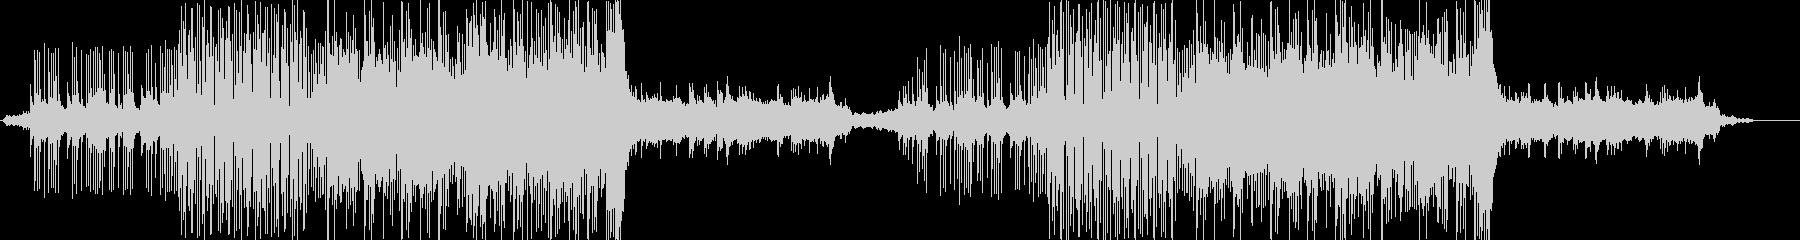 ベル音主体の謎に迫るようなミステリー系の未再生の波形